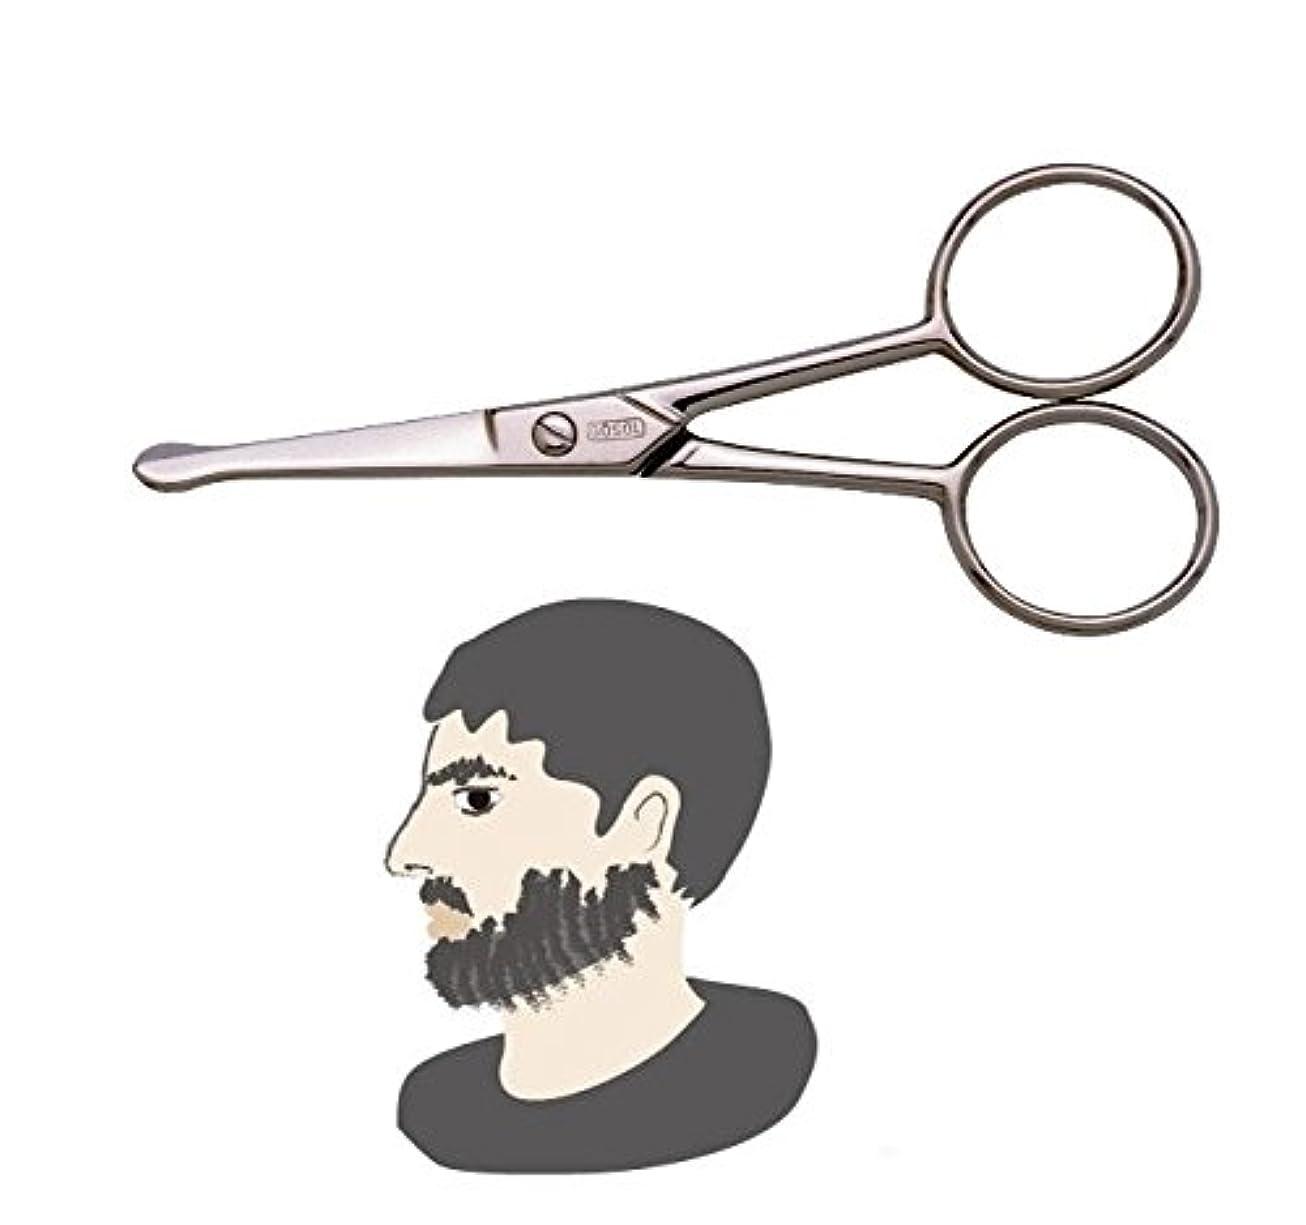 定説落胆する含めるゲーゾル(独) GOSOL ヒゲ?鼻毛?耳毛はさみ11cm